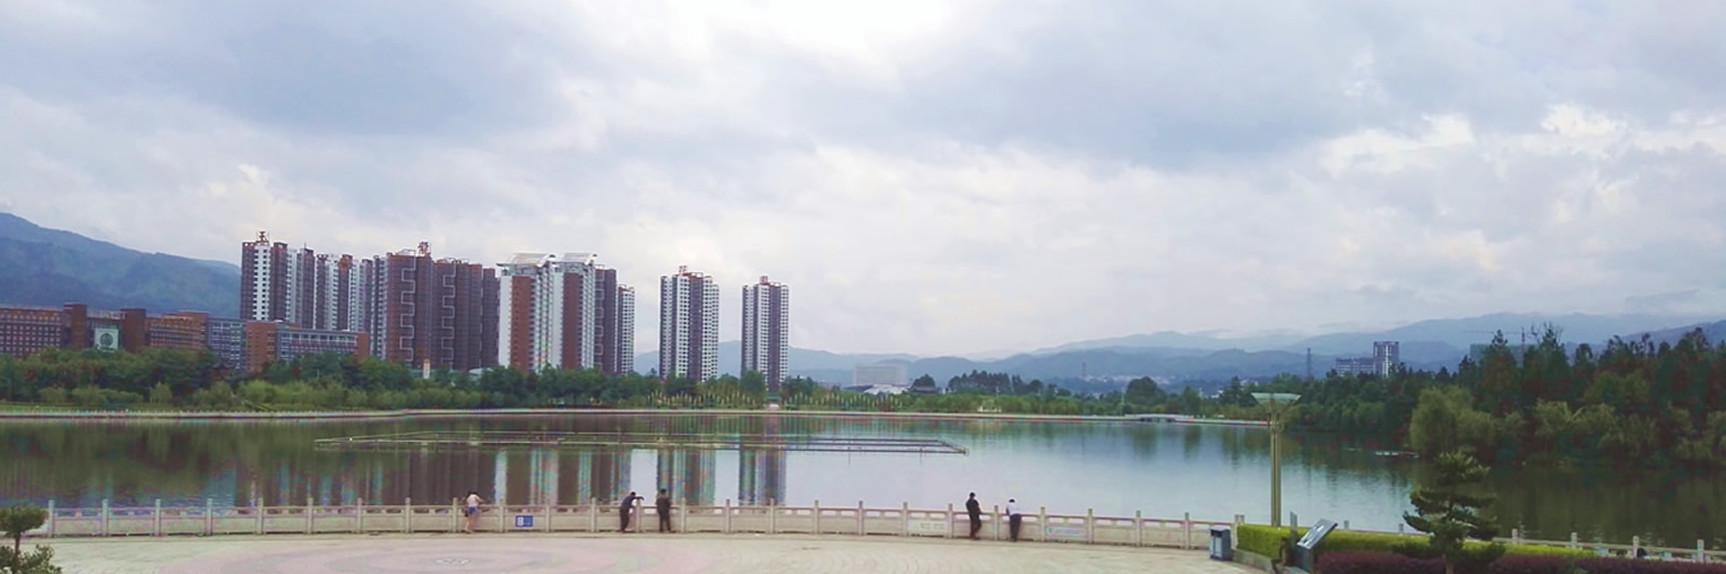 临沧玉龙湖健康徒步行